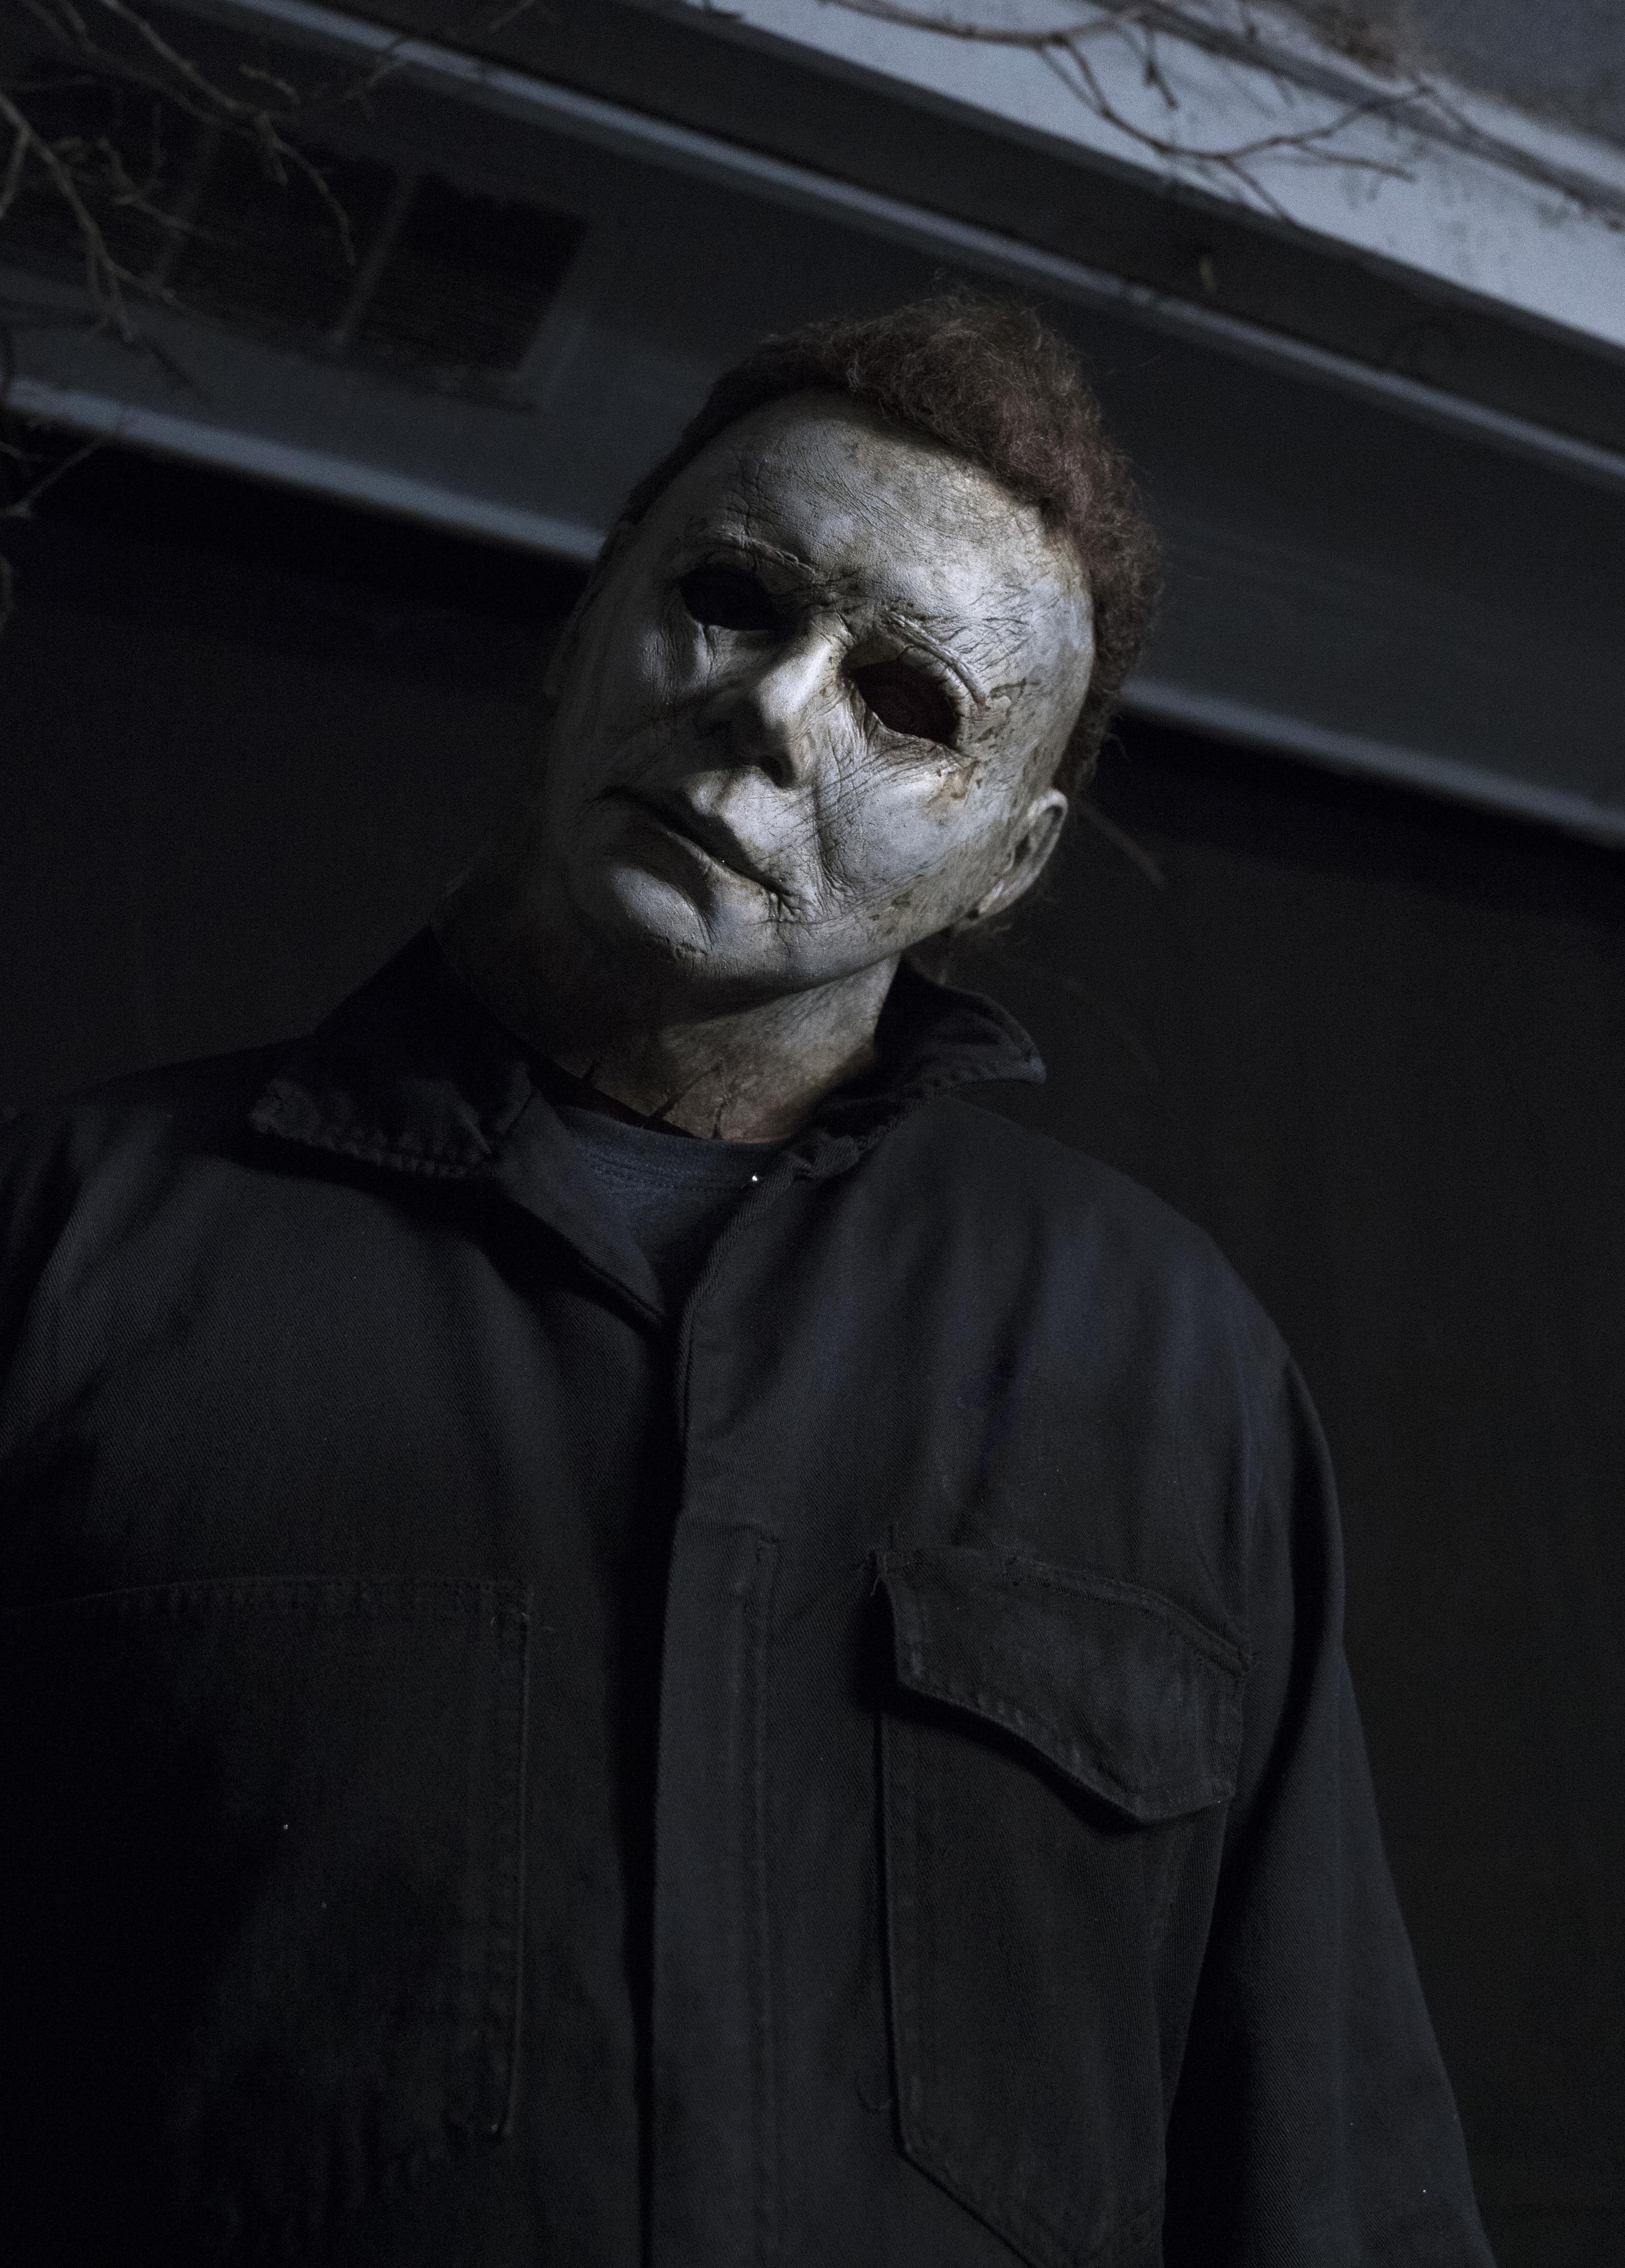 Halloween Untold Stories The origin of Michael Myers